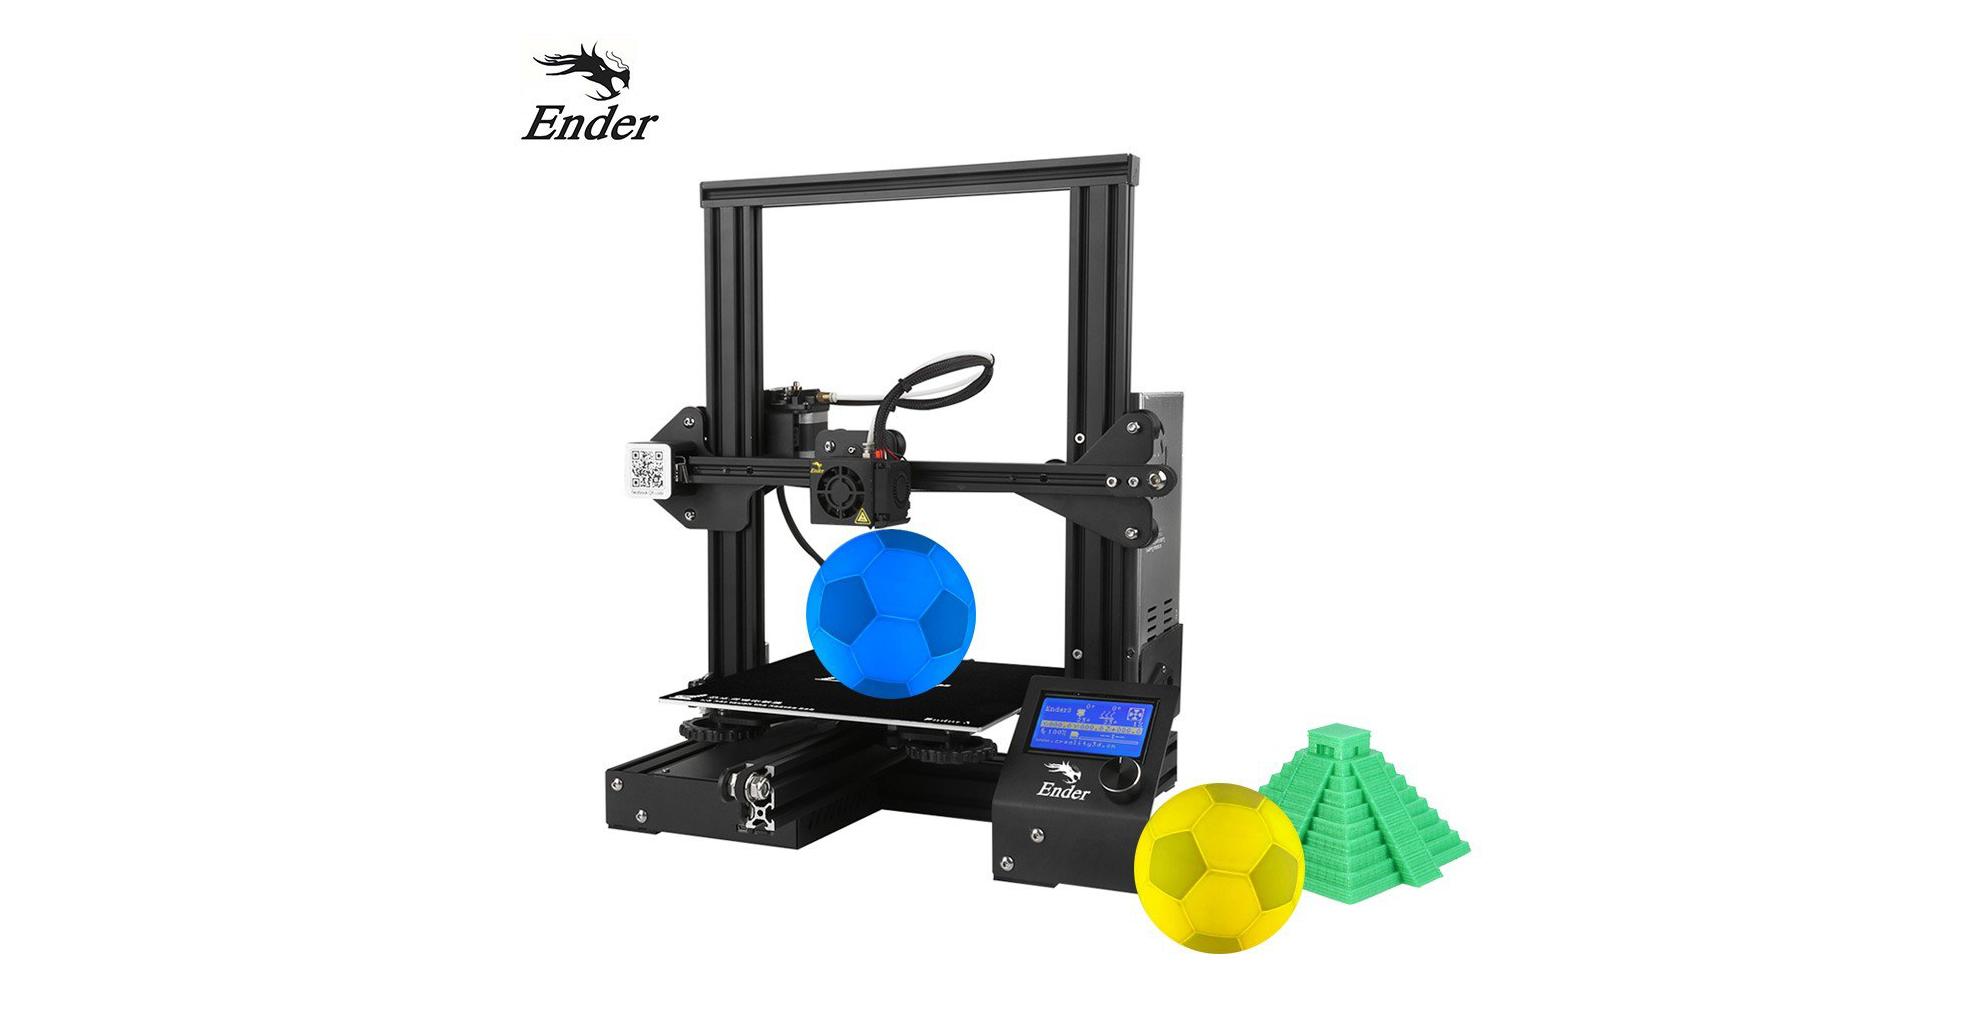 Skvělá 3D tiskárna Creality 3D nyní za nízkou cenu [sponzorovaný článek]